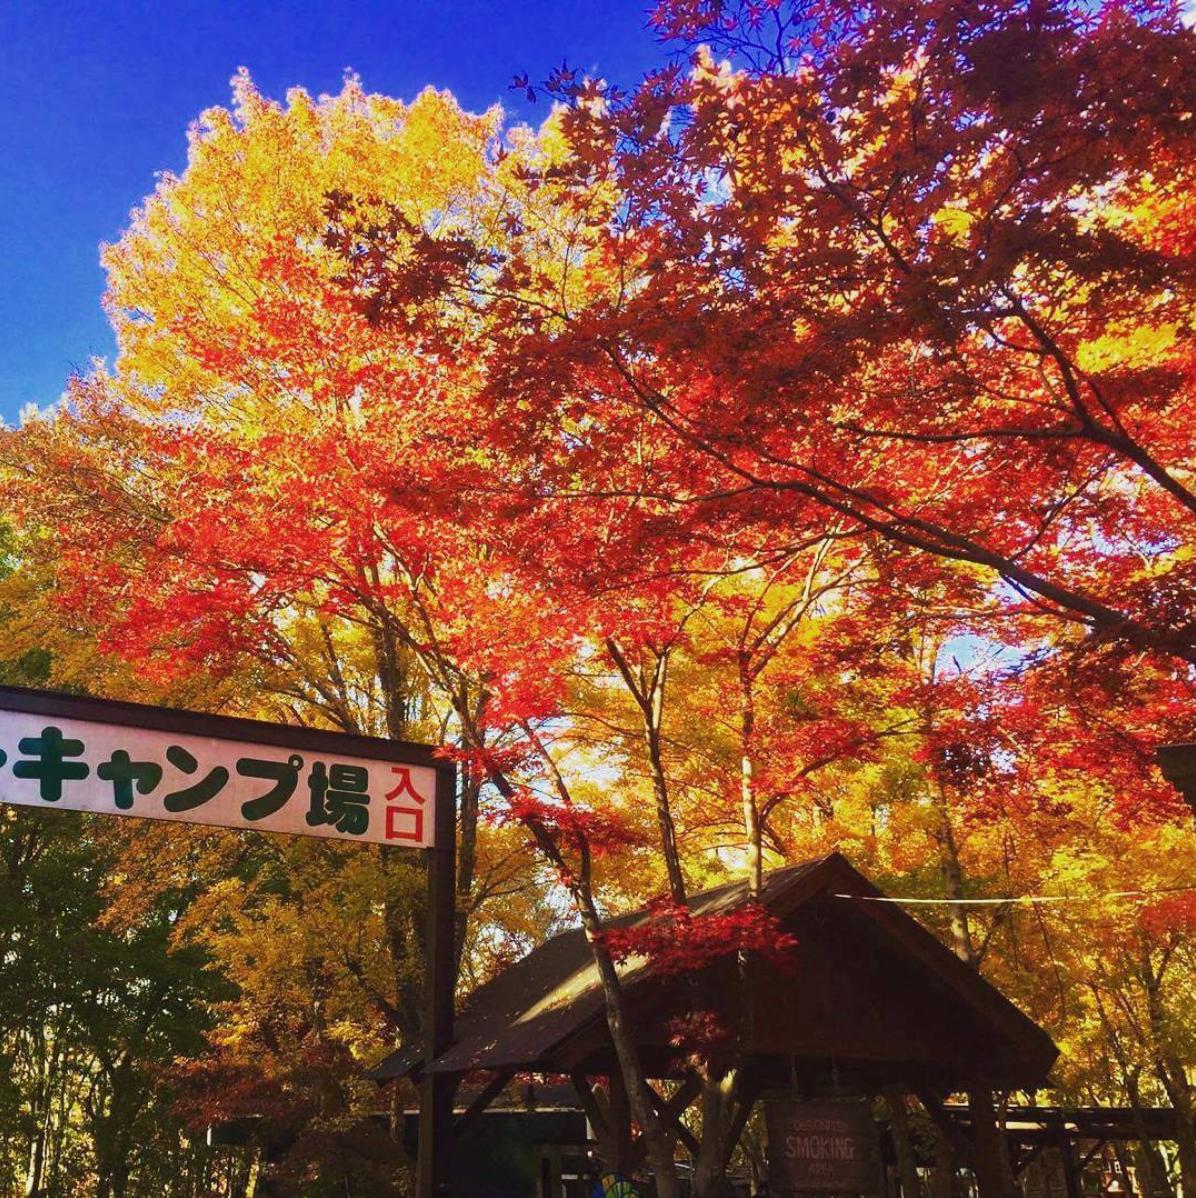 紅葉が綺麗なキャンプ場【関東・甲信越編】